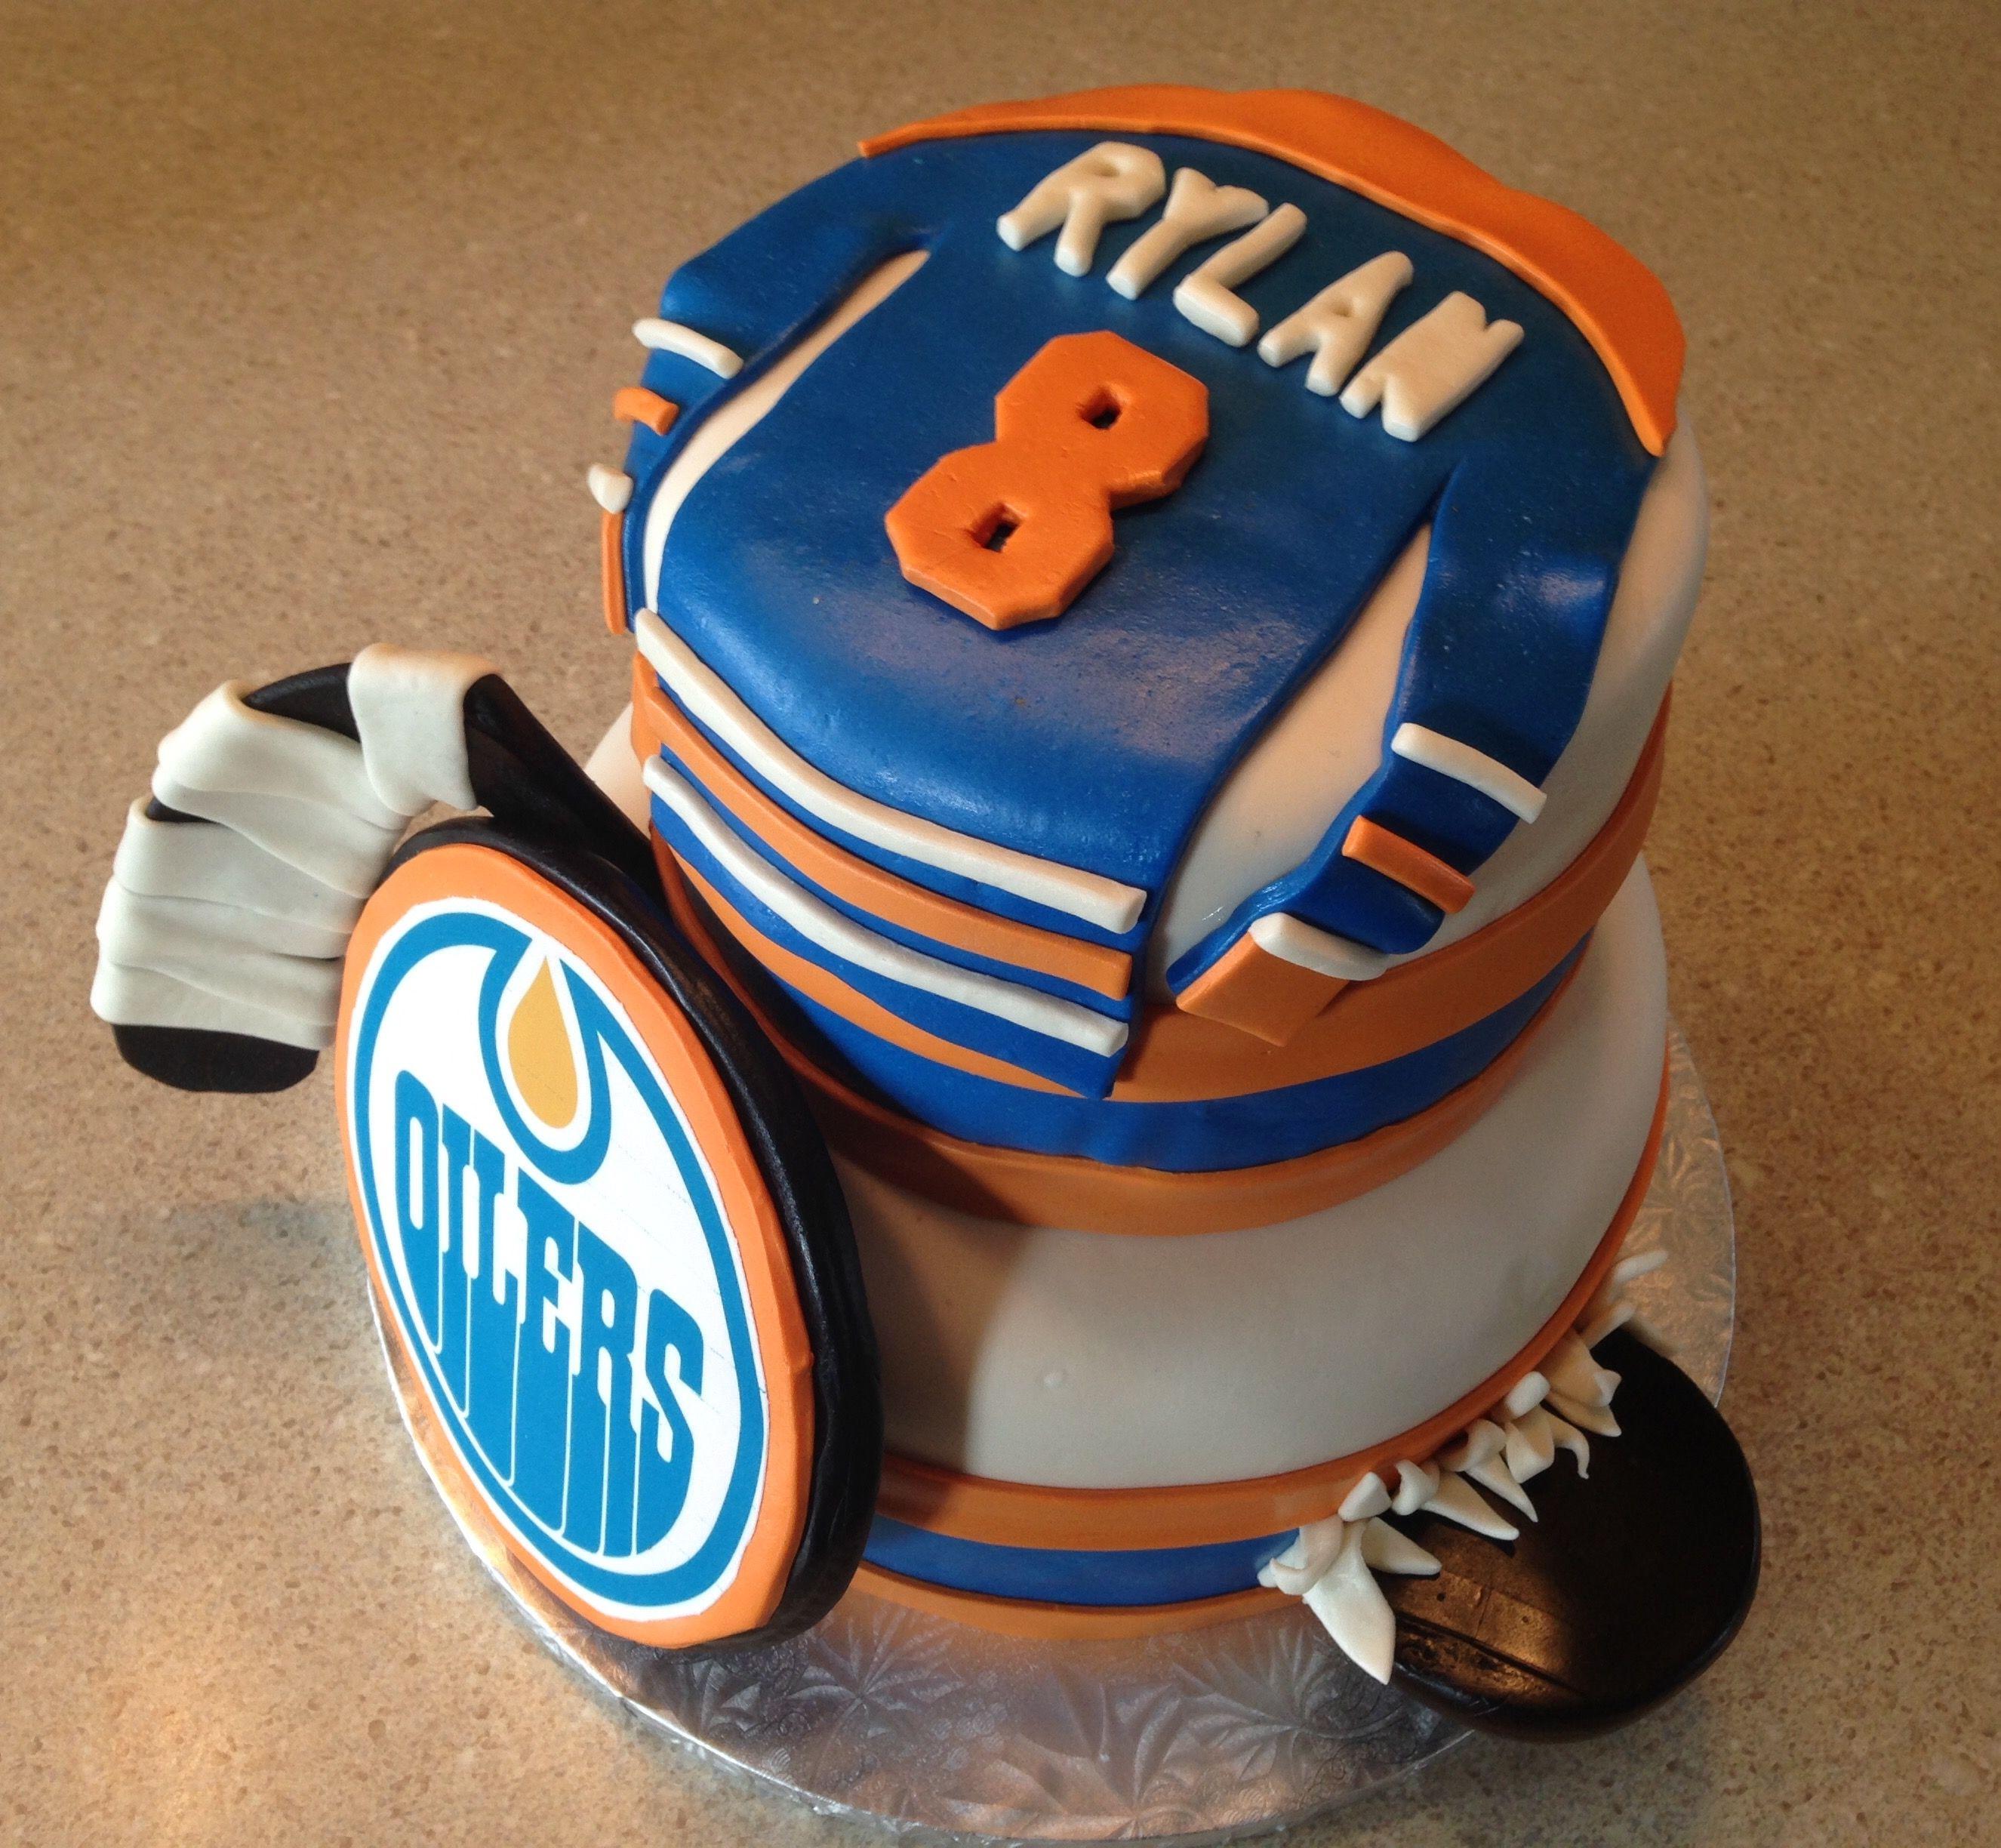 mcdavid hockey jersey cake instructions